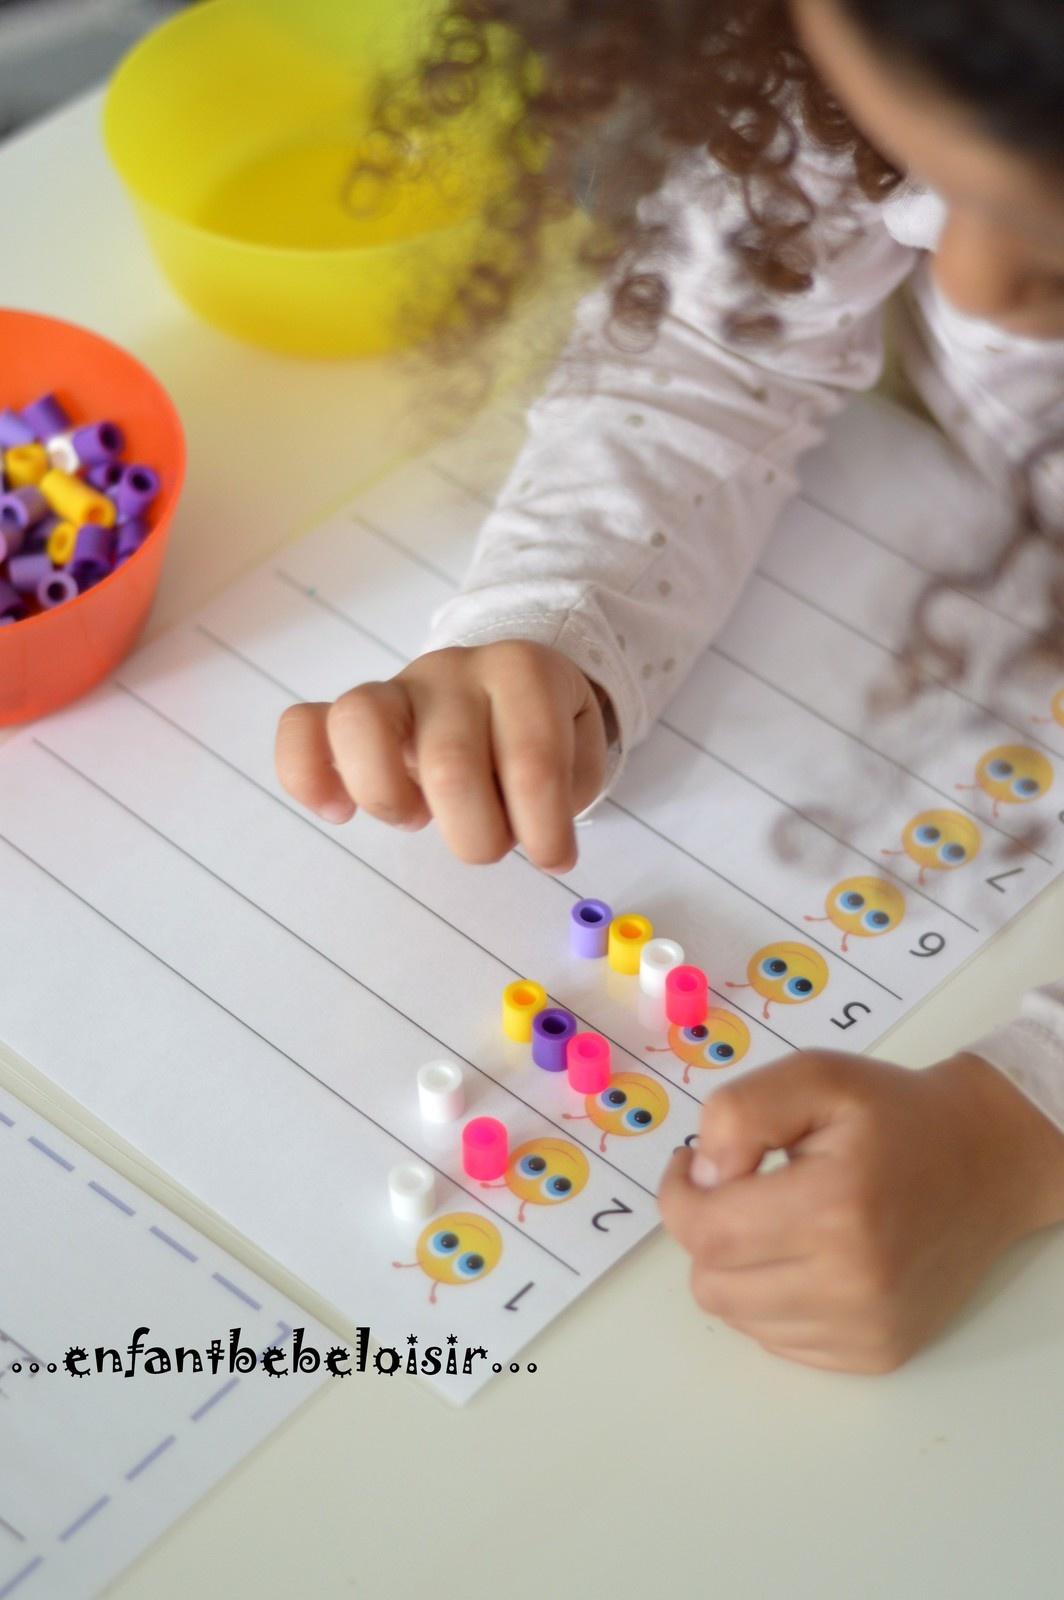 Fiche Exercice À Compter - Pdf À Imprimer - Enfant Bébé Loisir pour Exercice Maternelle Moyenne Section À Imprimer